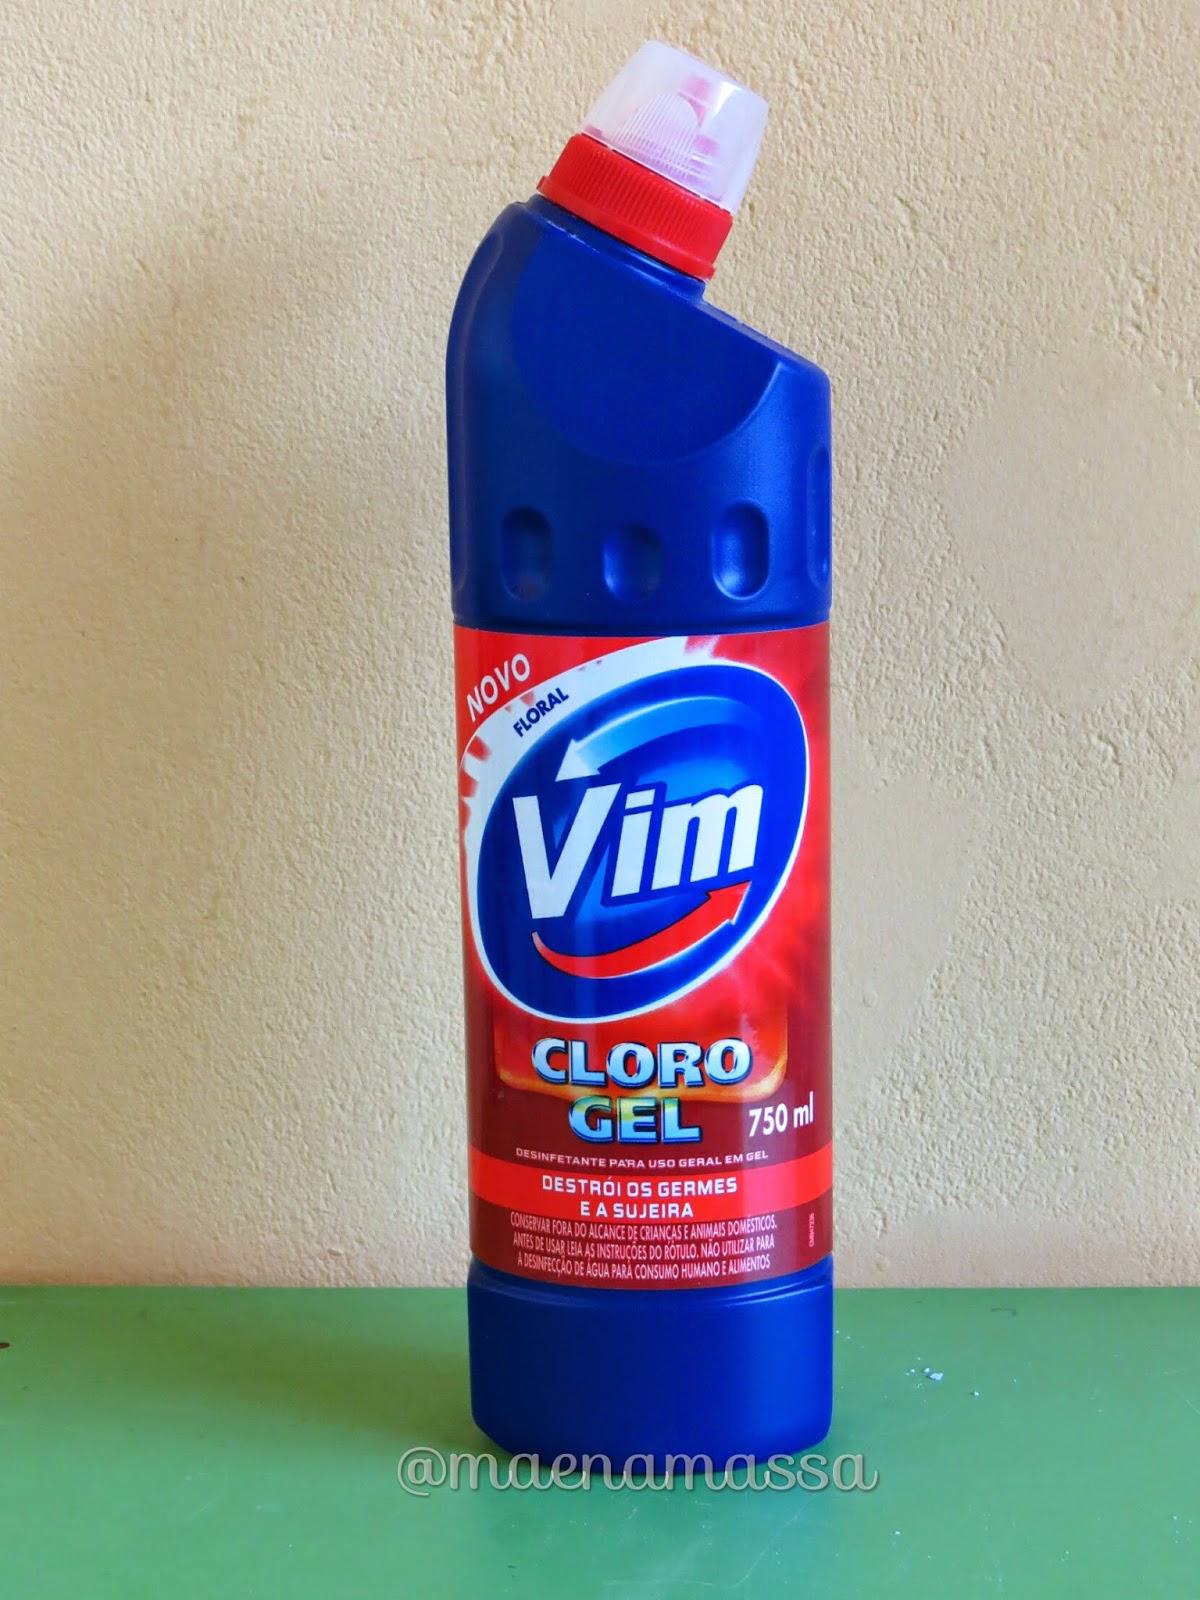 Imagens de #042DC7 Mãe na Massa: 19 Produtos de limpeza essenciais! 1200x1600 px 2824 Box Banheiro Limpeza